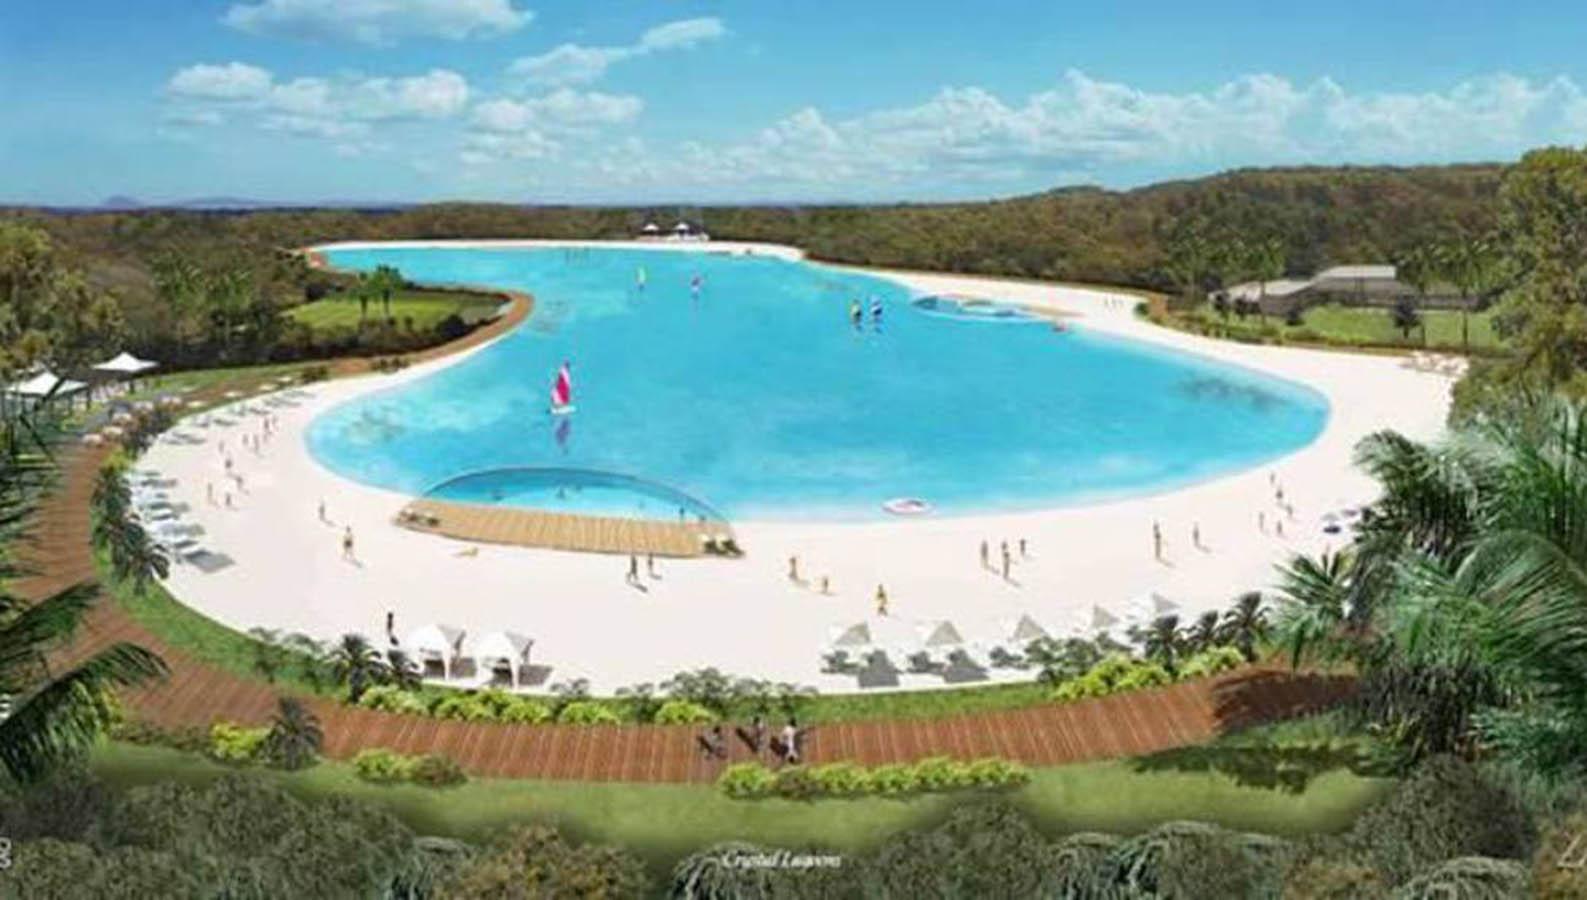 Live Resorts Madrid contraataca y ofrece una playa